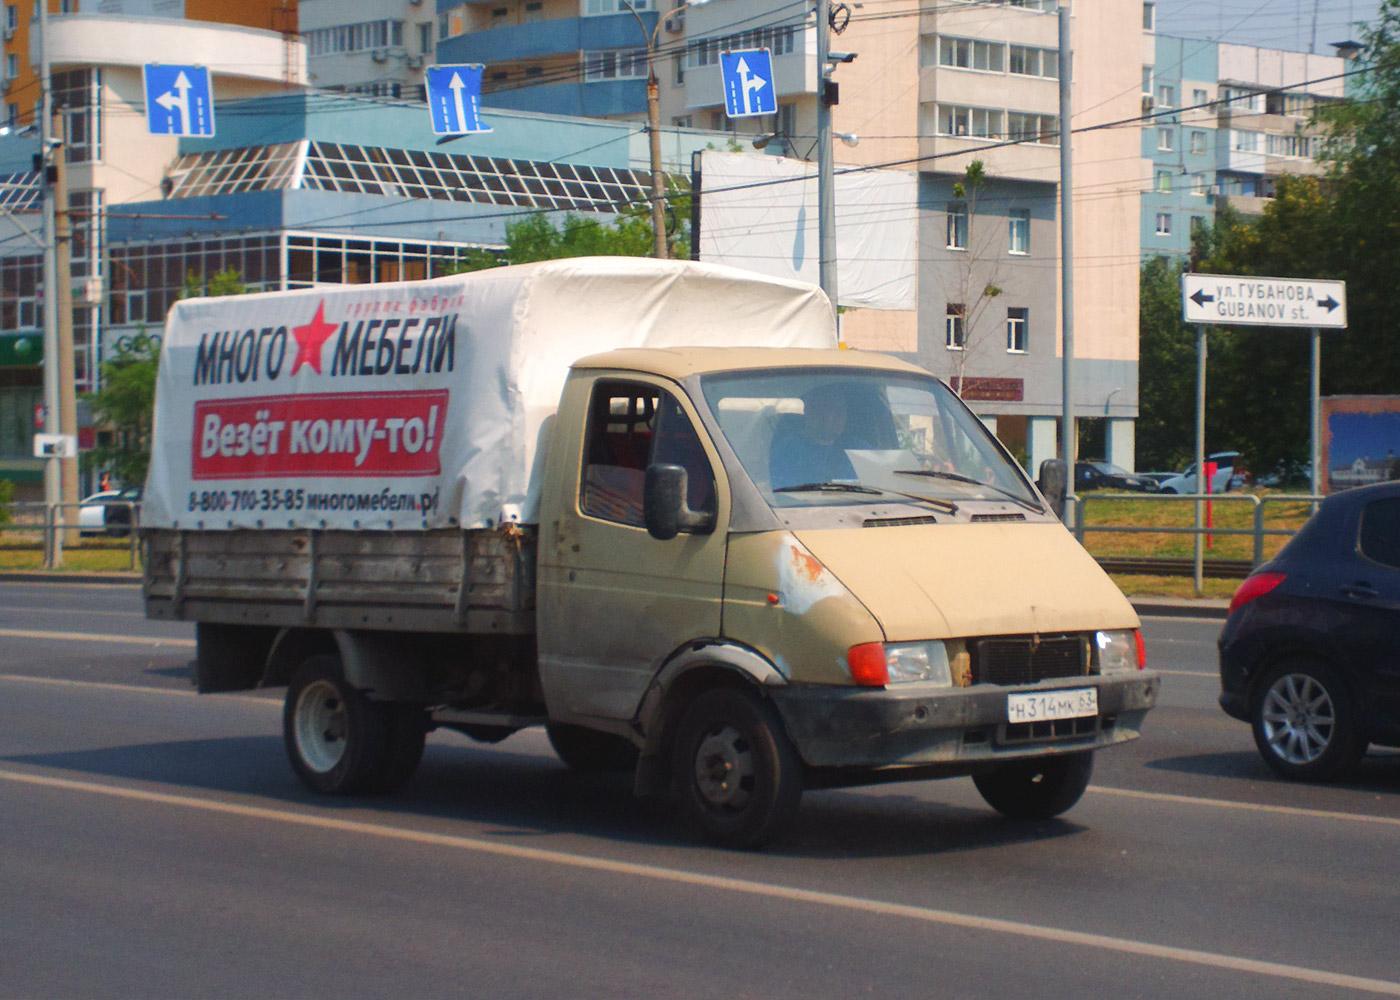 ГАЗ-3302 #Н314МК63. Самара, Ново-Садовая улица